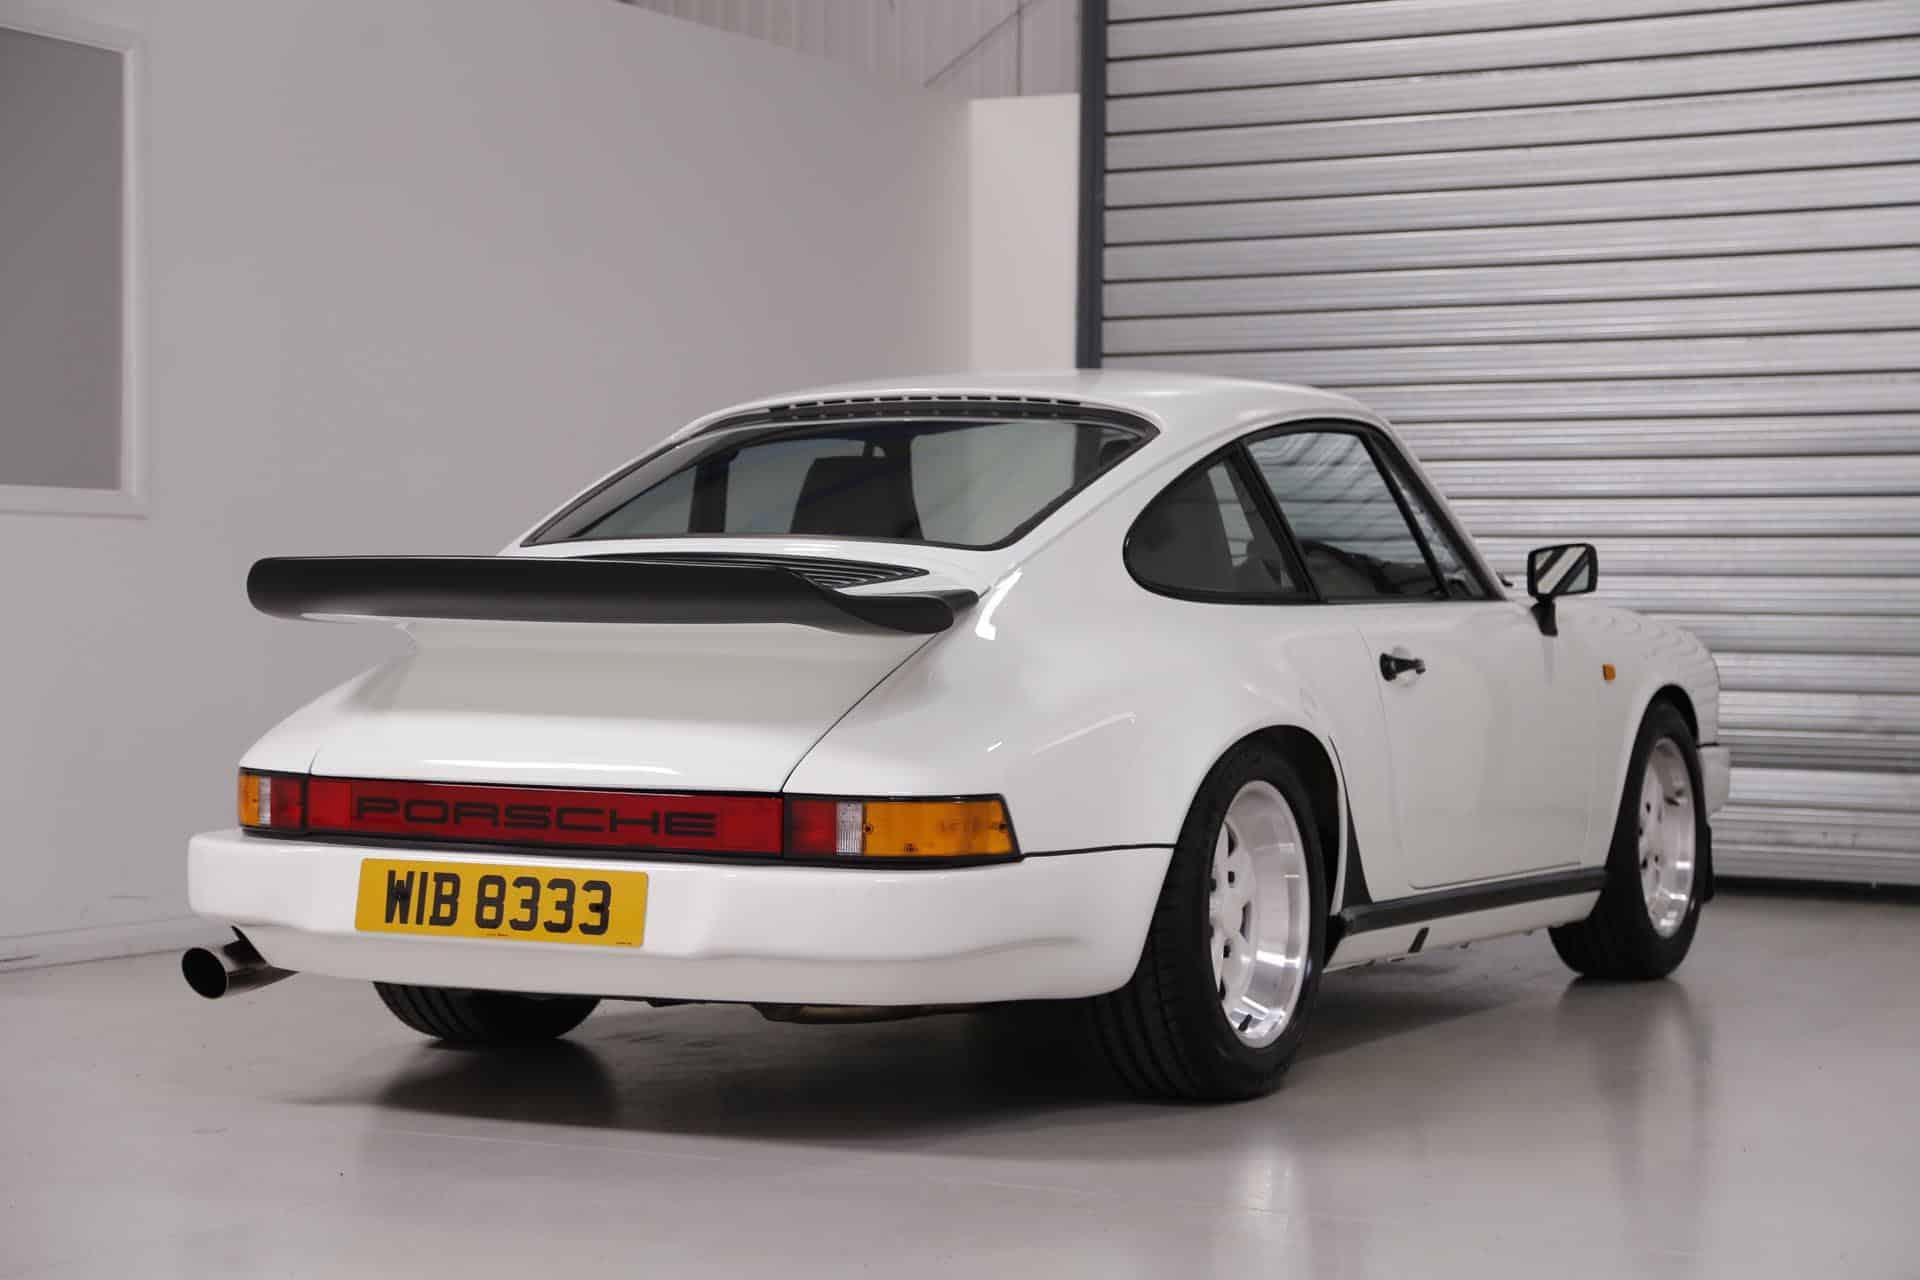 911 Carrera 3.2 Clubsport Prototype 6